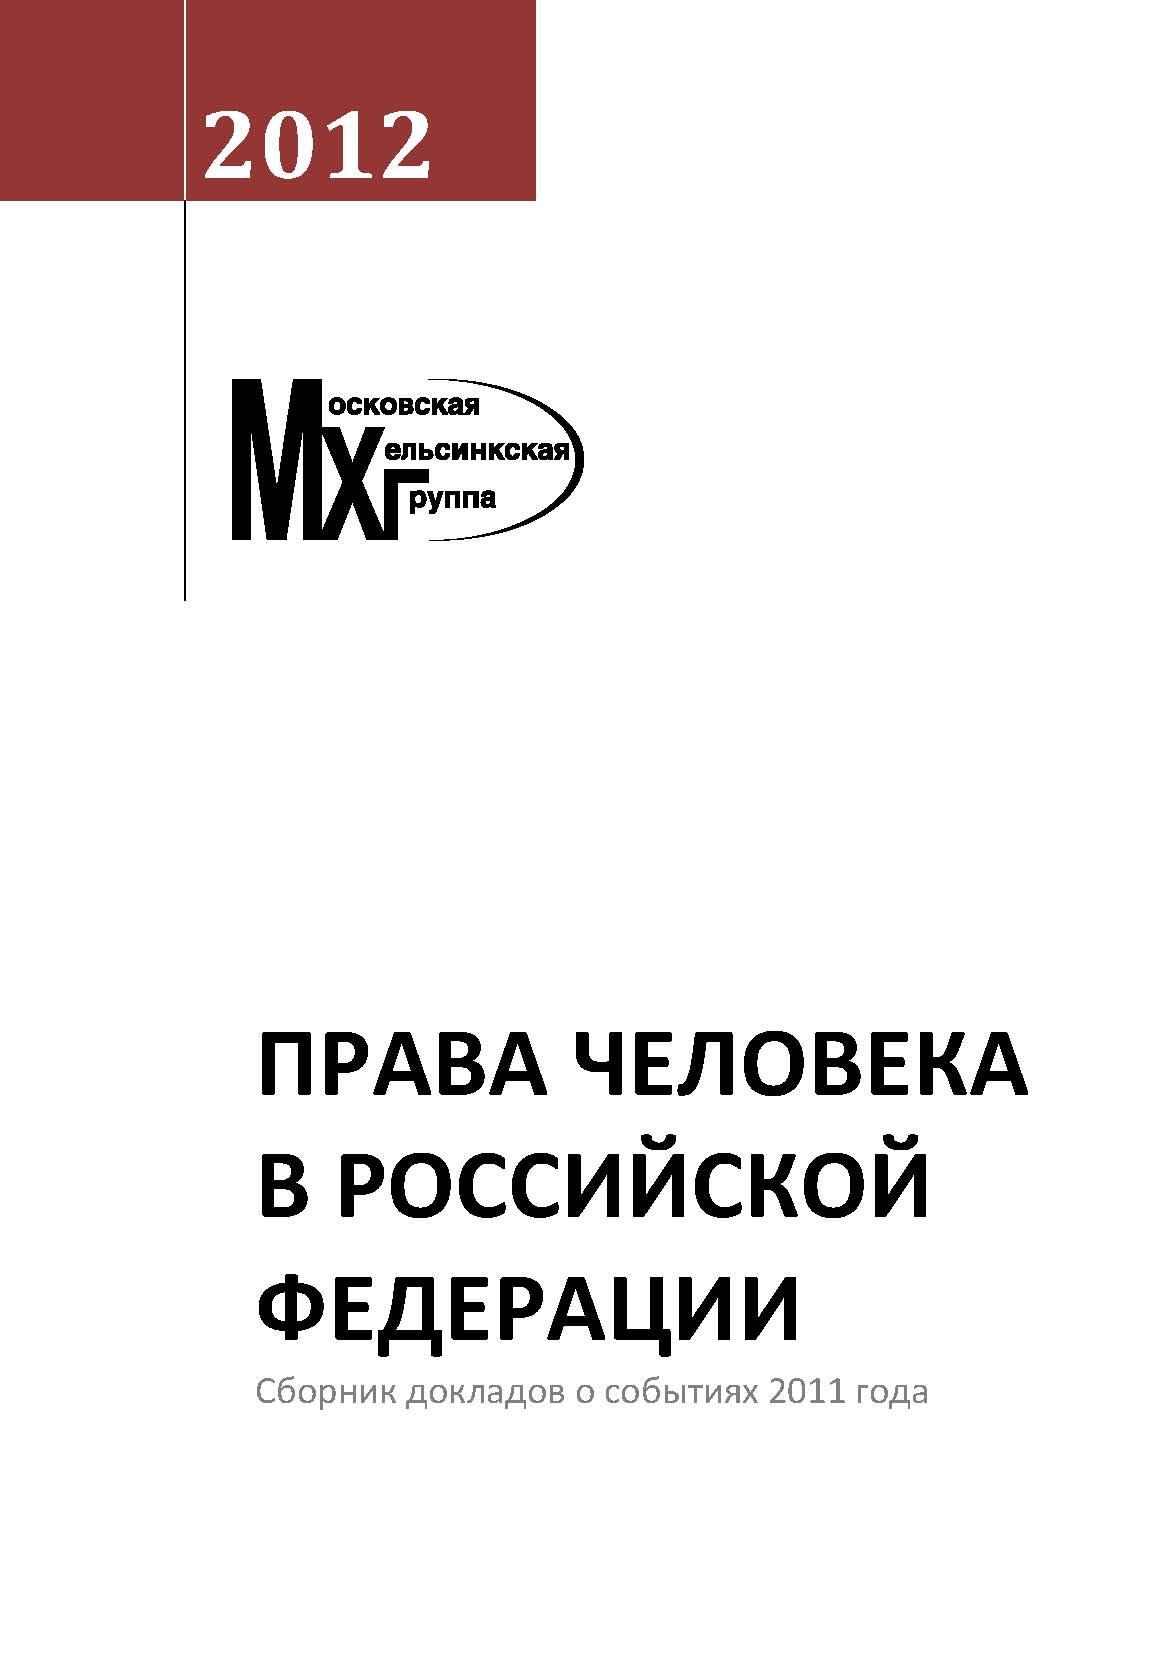 Свобода мирных собраний в России в 2011 году